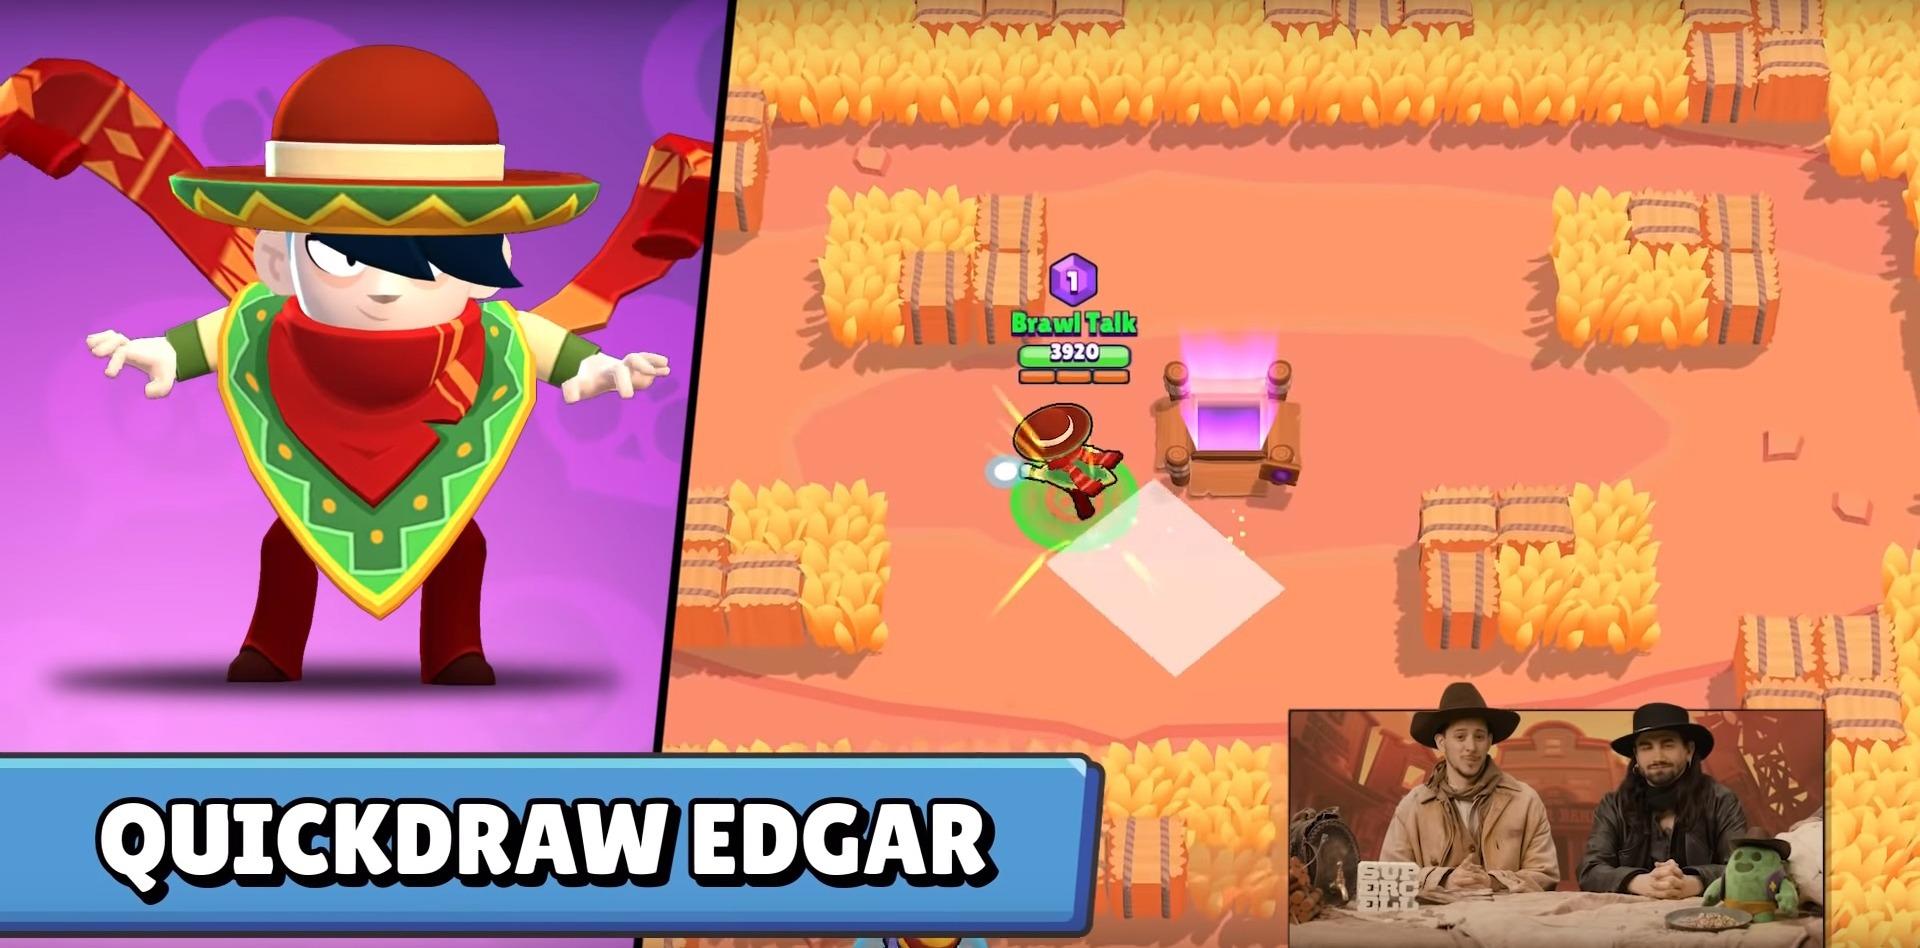 Quickdraw-Edgar-Brawl